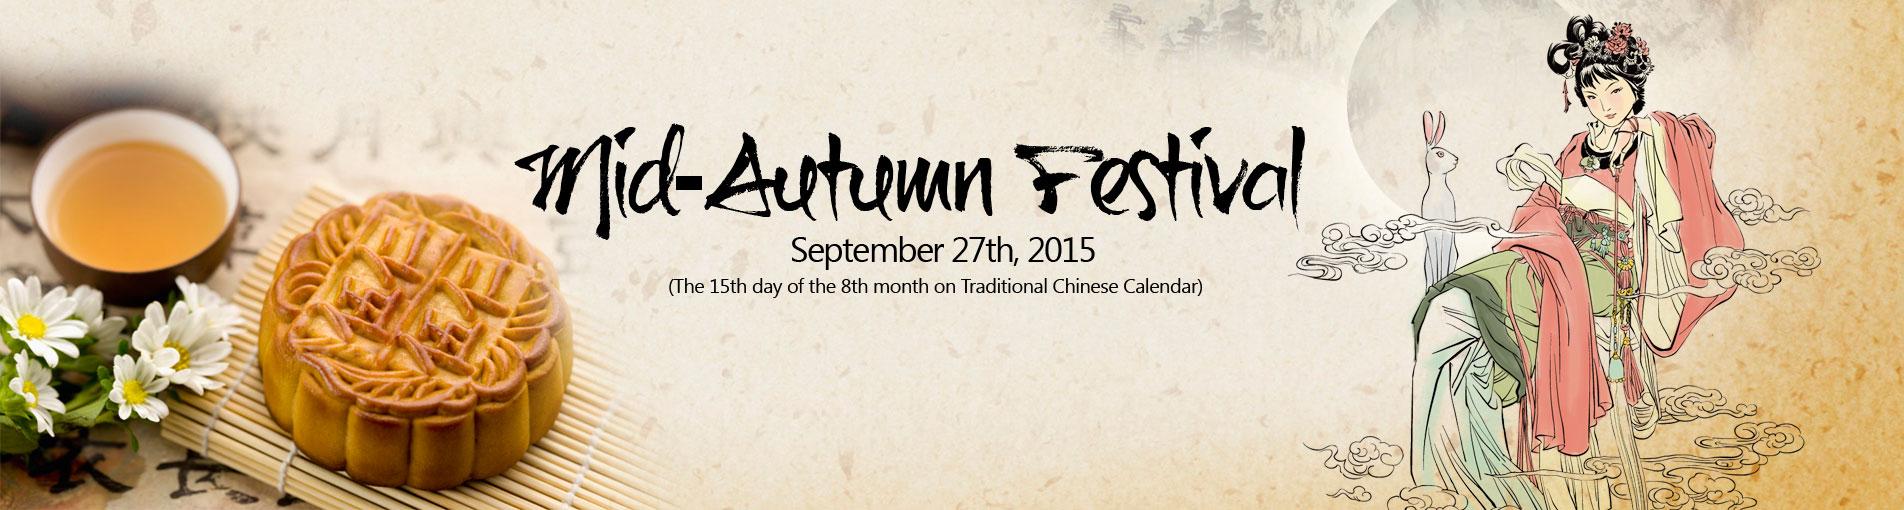 Mid-Autumn Festival 2015